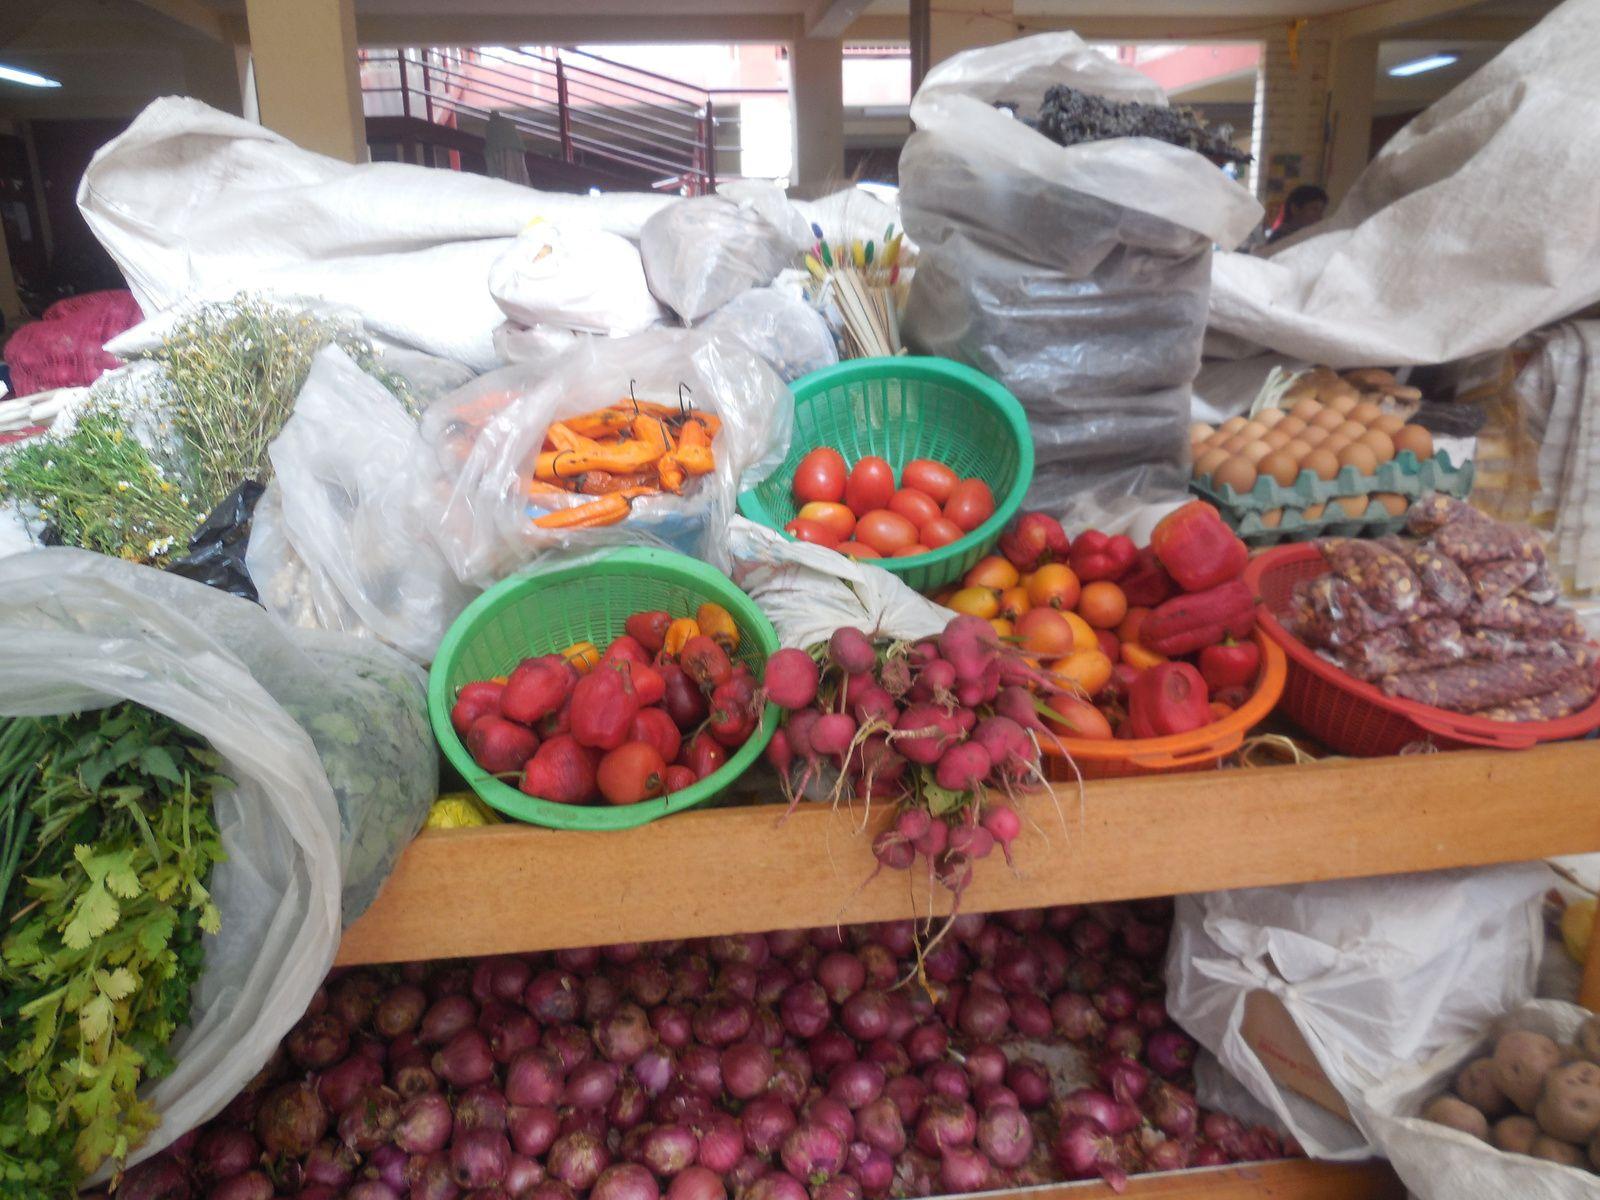 Toutes sortes de légumes, viandes, poissons...